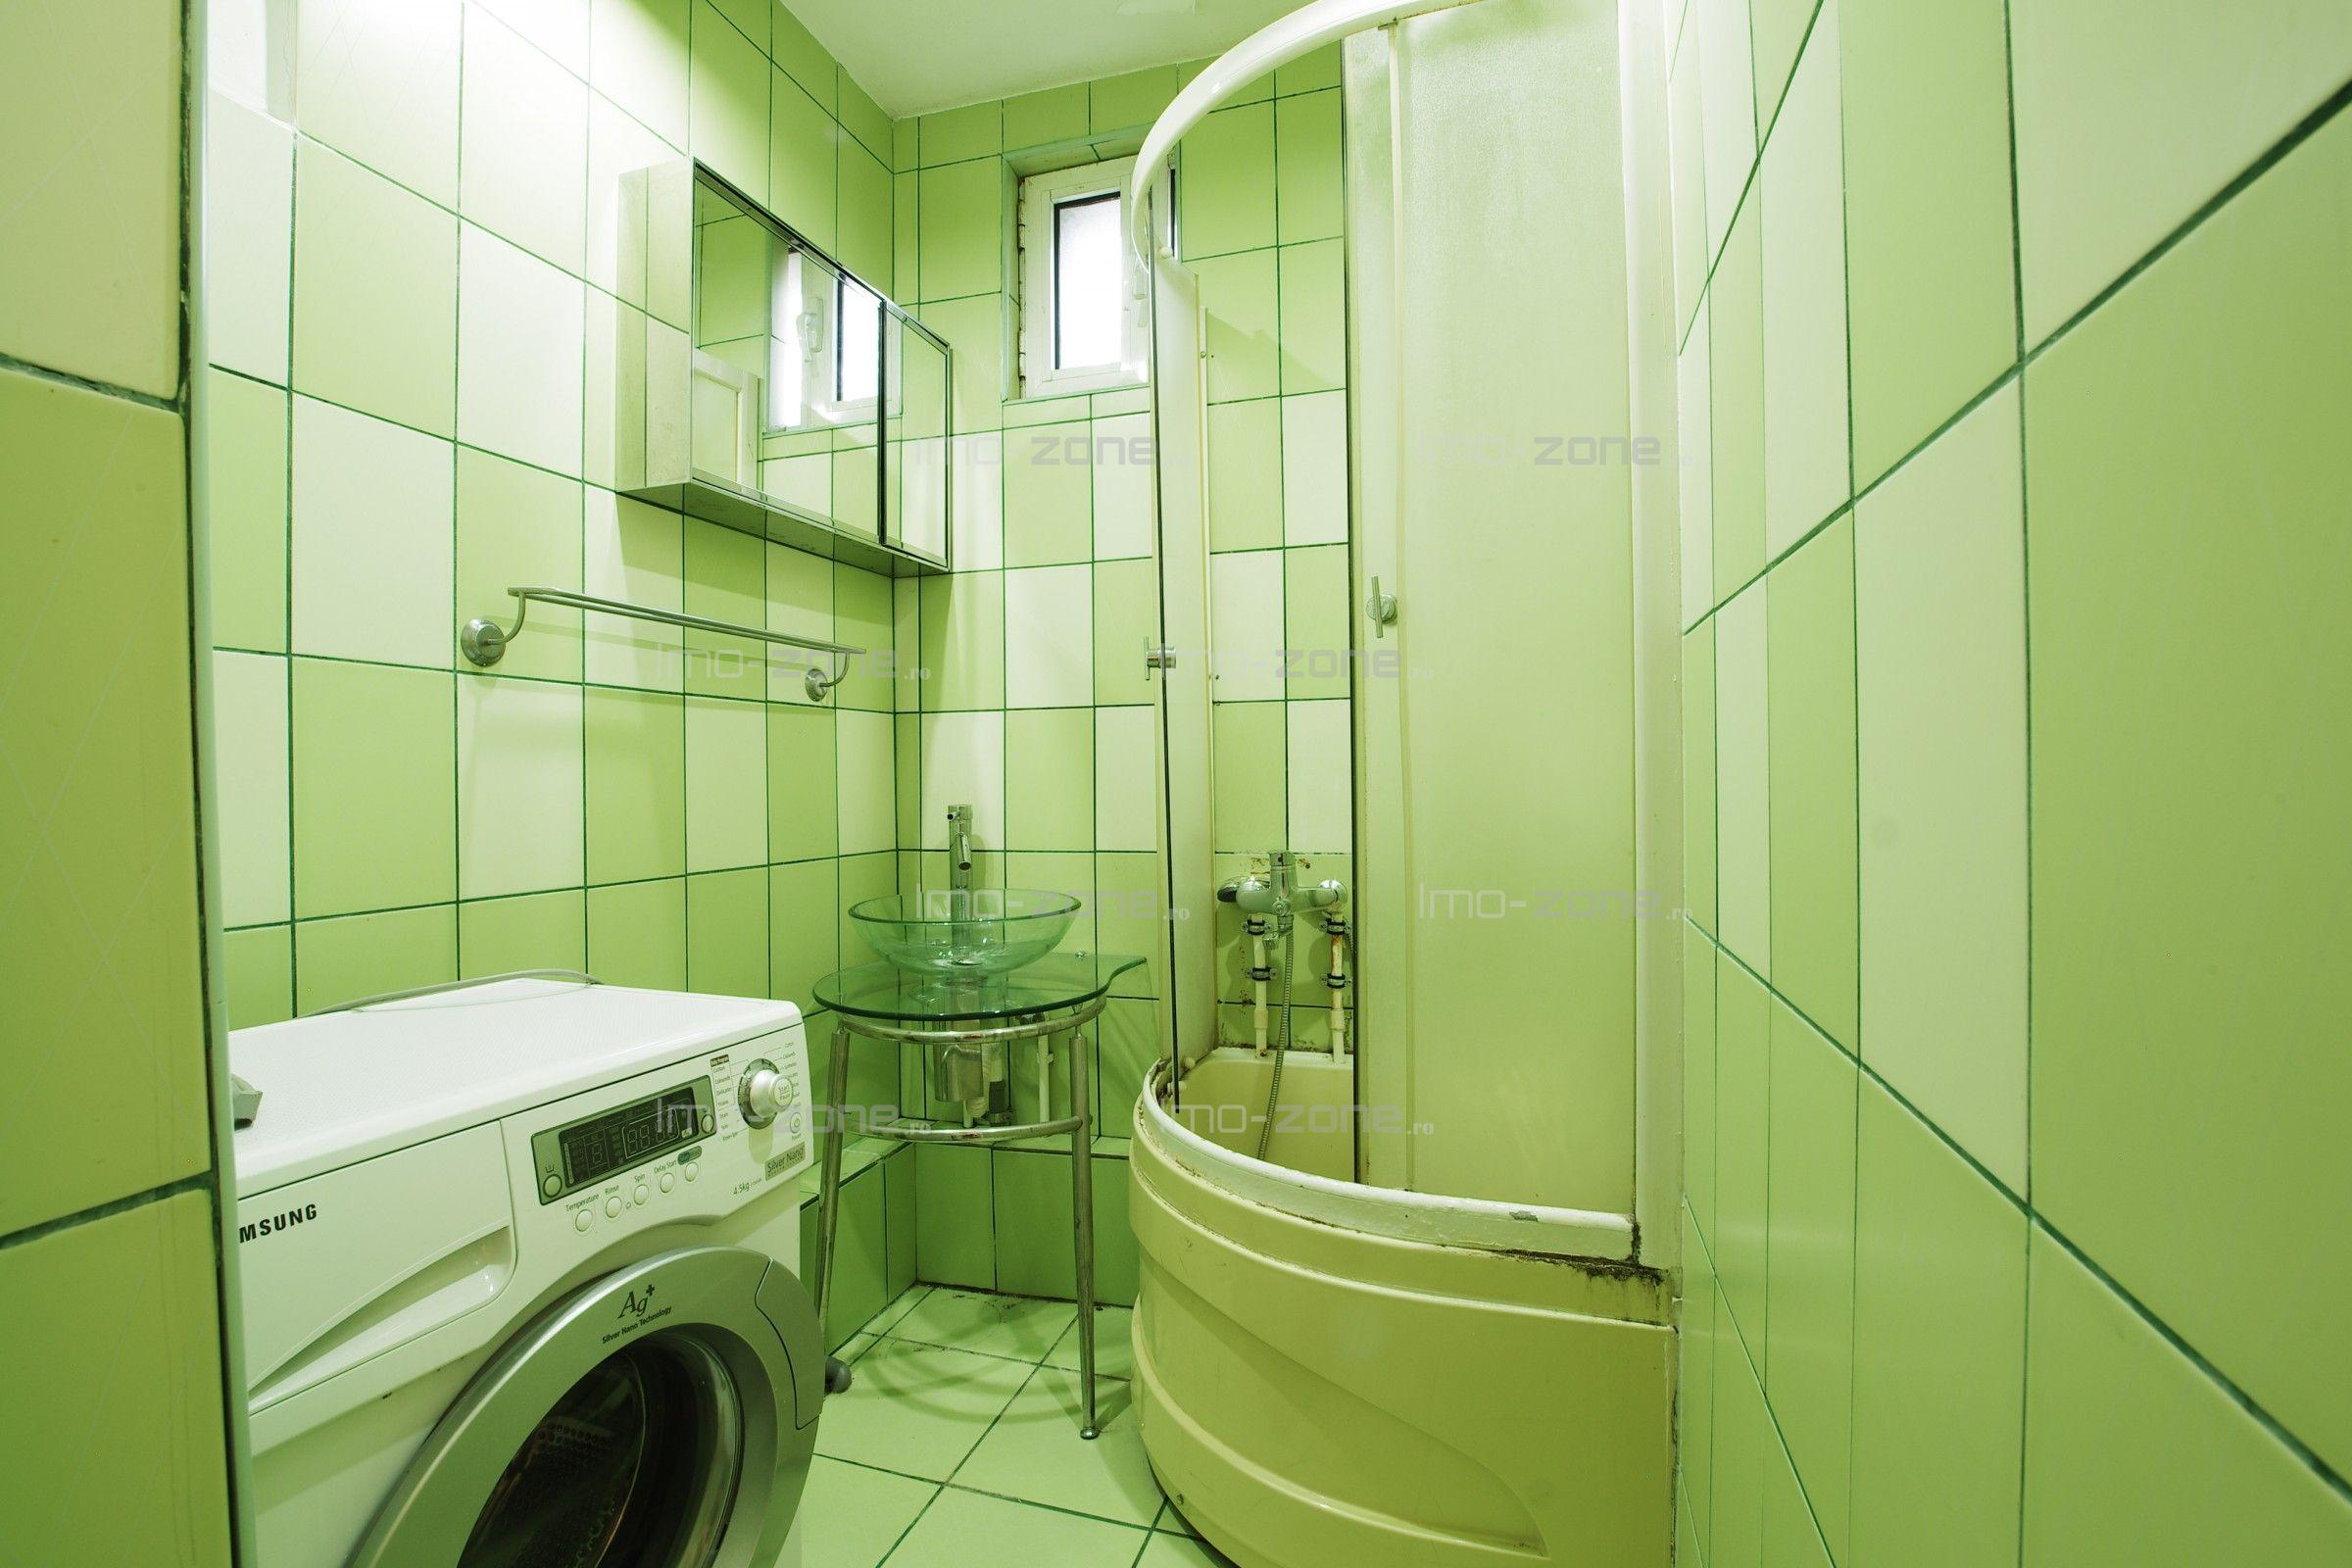 Apartament 4 camere Sos. Giurgiului, str. Zetarilor, Str. Baciului (Scoala 134)